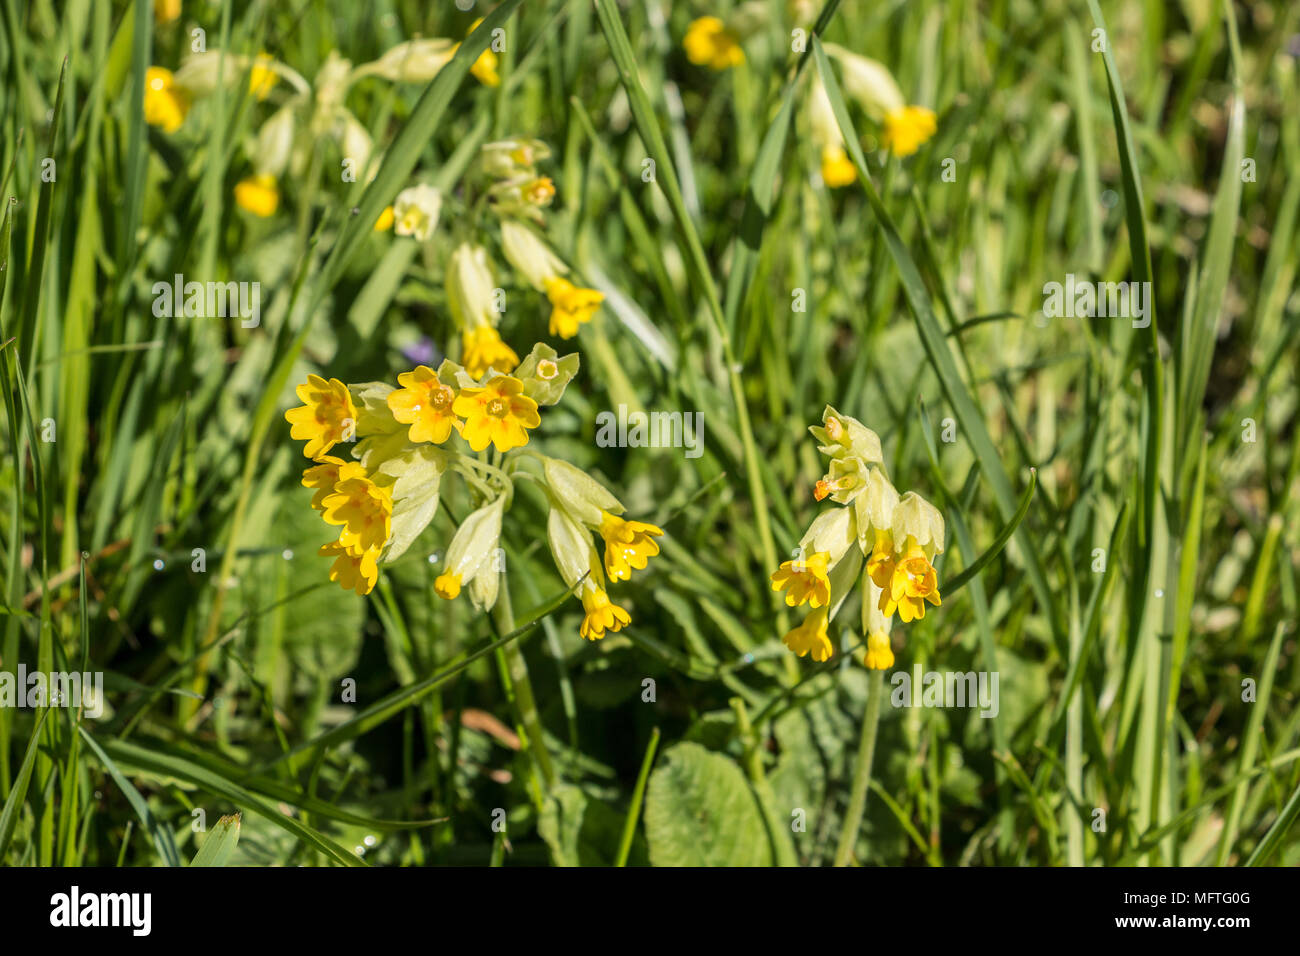 Gelbe Blumen und grüne Blätter auf dem grünen Feld Stockbild